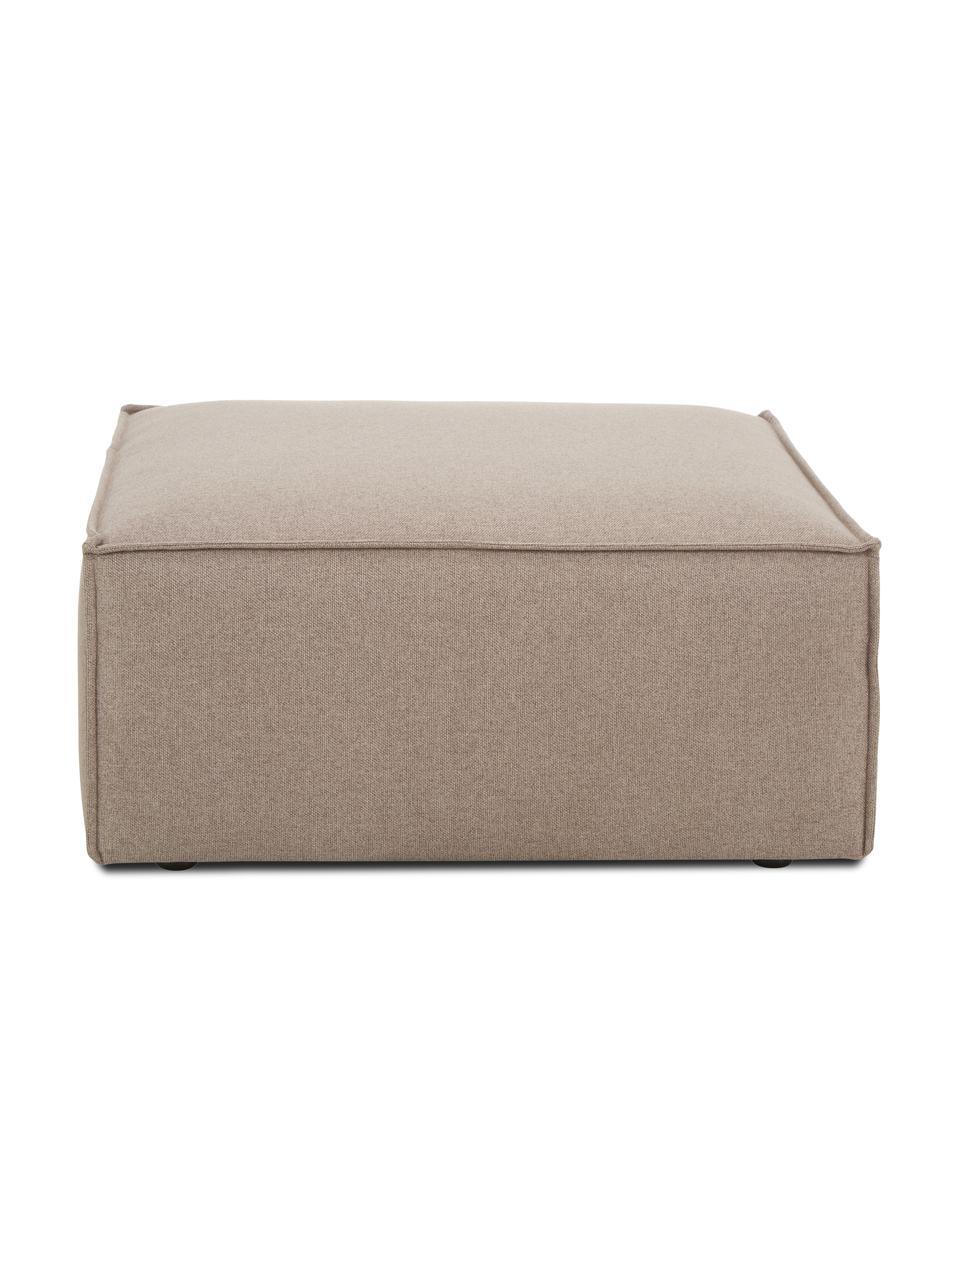 Pouf canapé tissu brun Lennon, Tissu brun